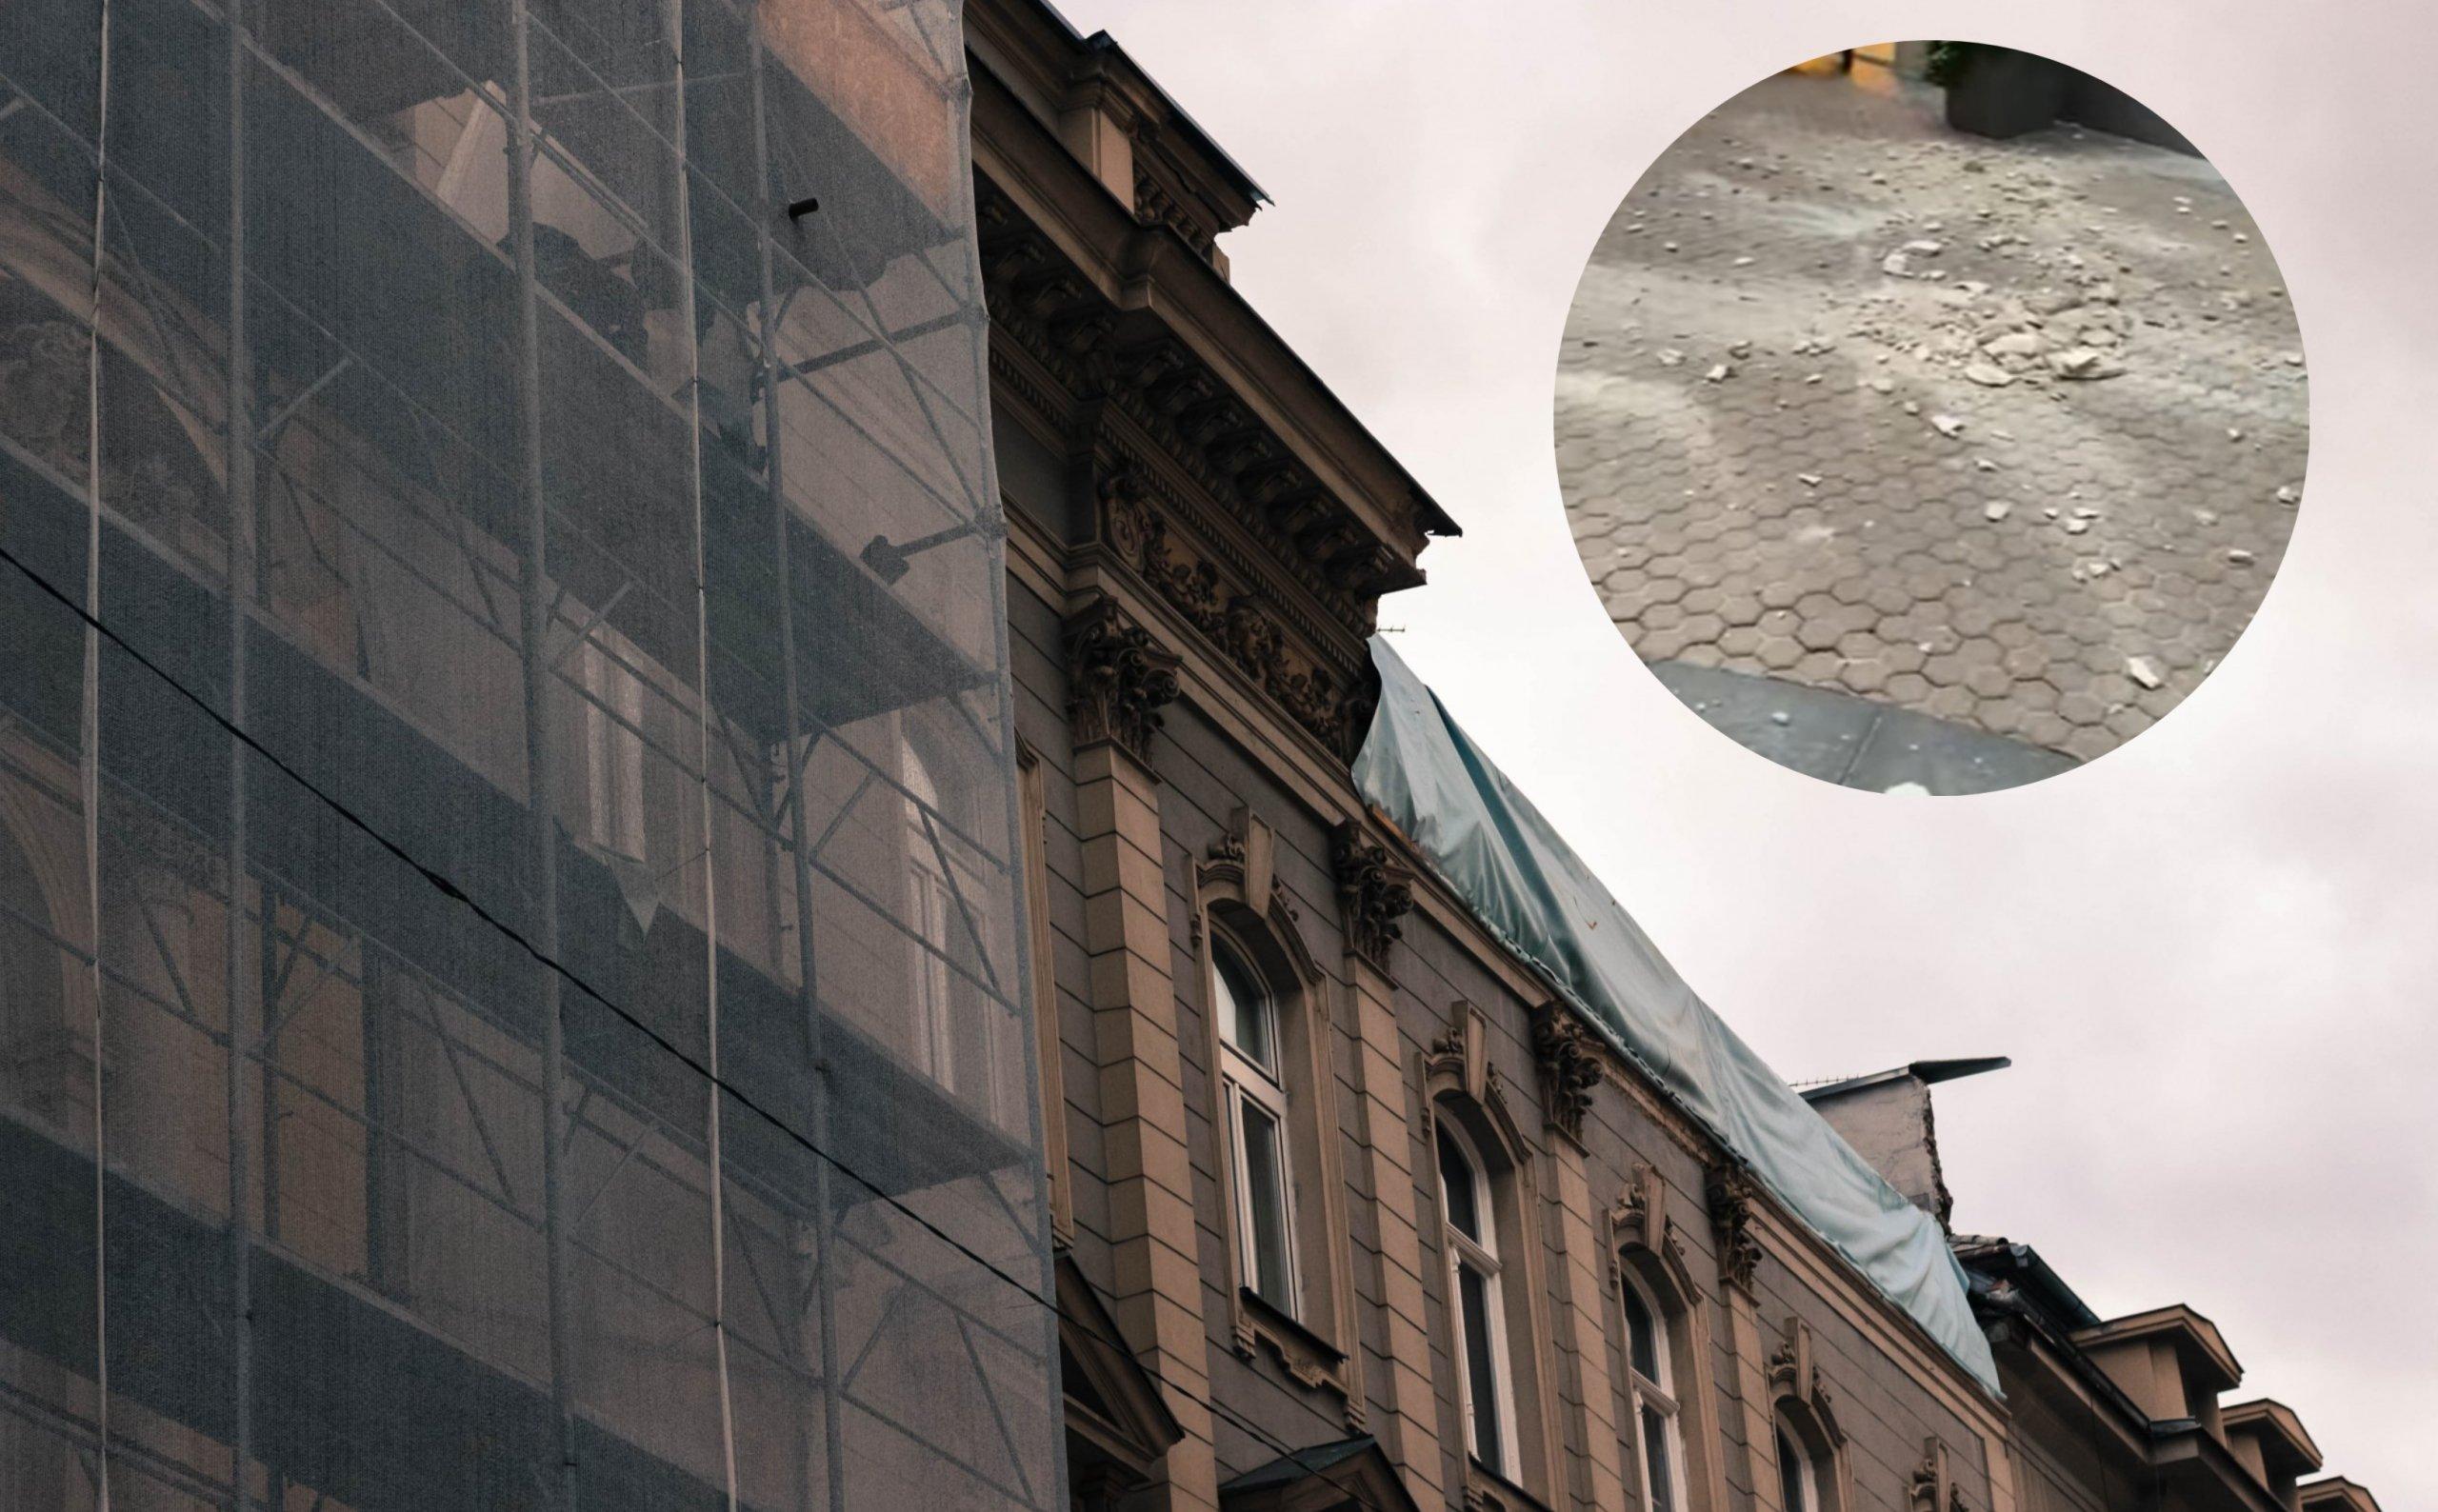 U centru Zagreba se odlomila fasada: Srećom, tragedija se i ovog puta izbjegla, no za dlaku